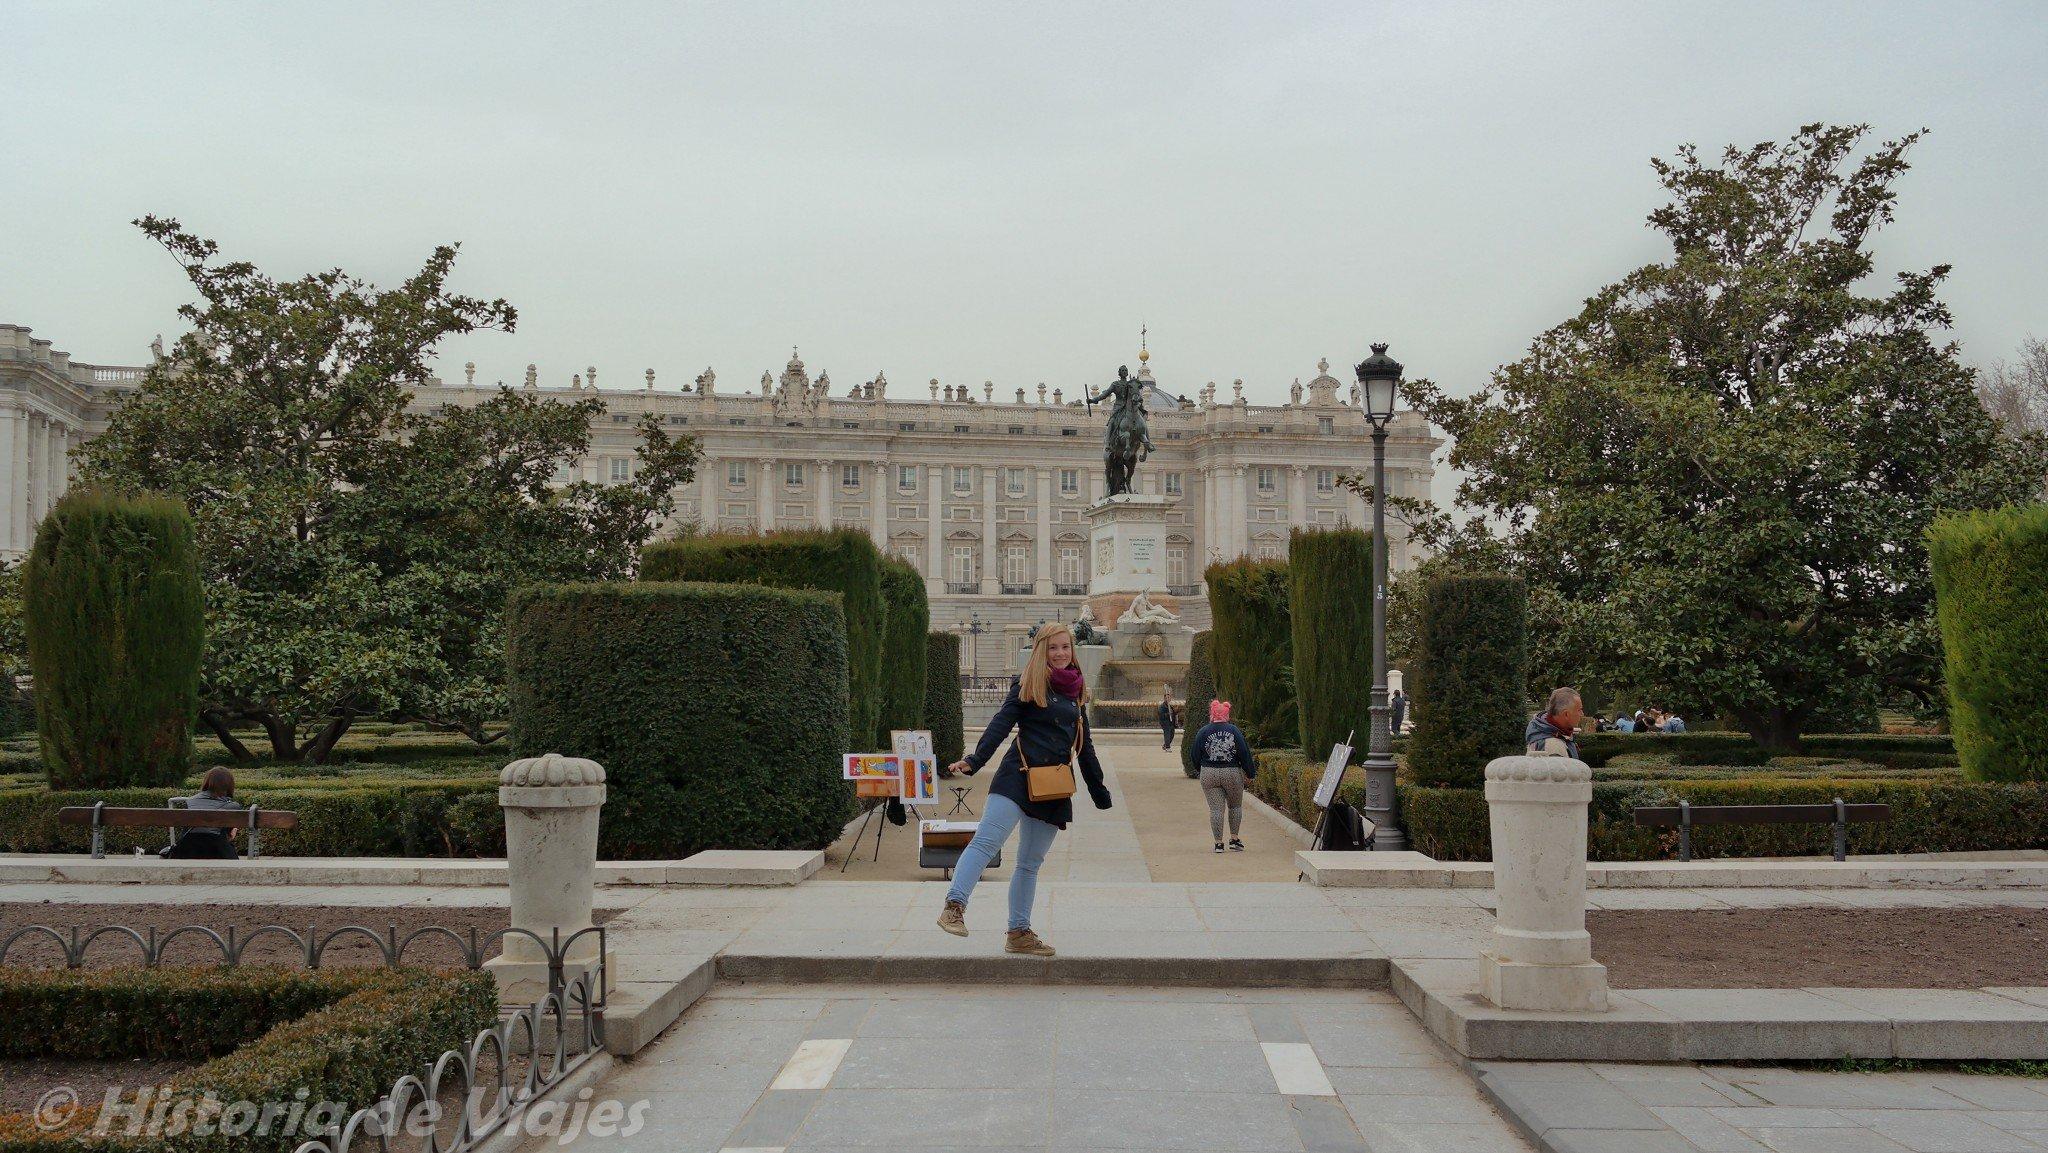 Palaciodelosreyes_2